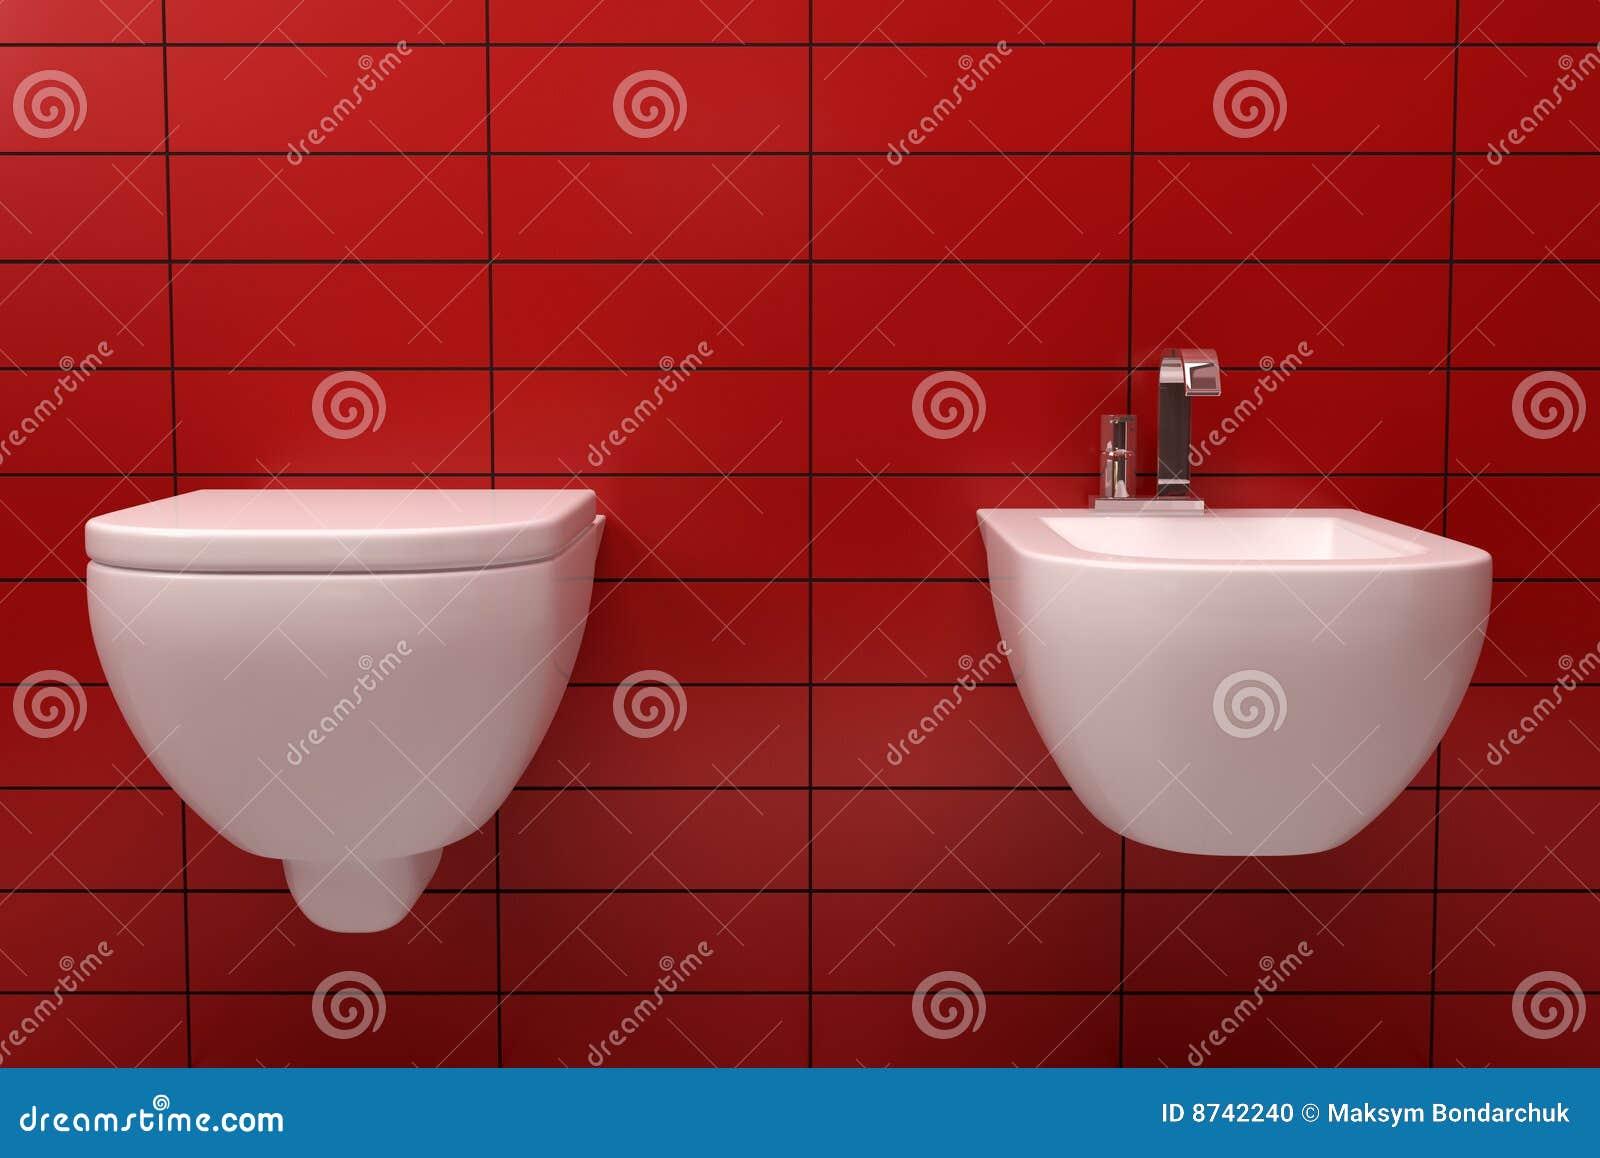 Baños Con Azulejos Rojos:Red Contemporary Toilet